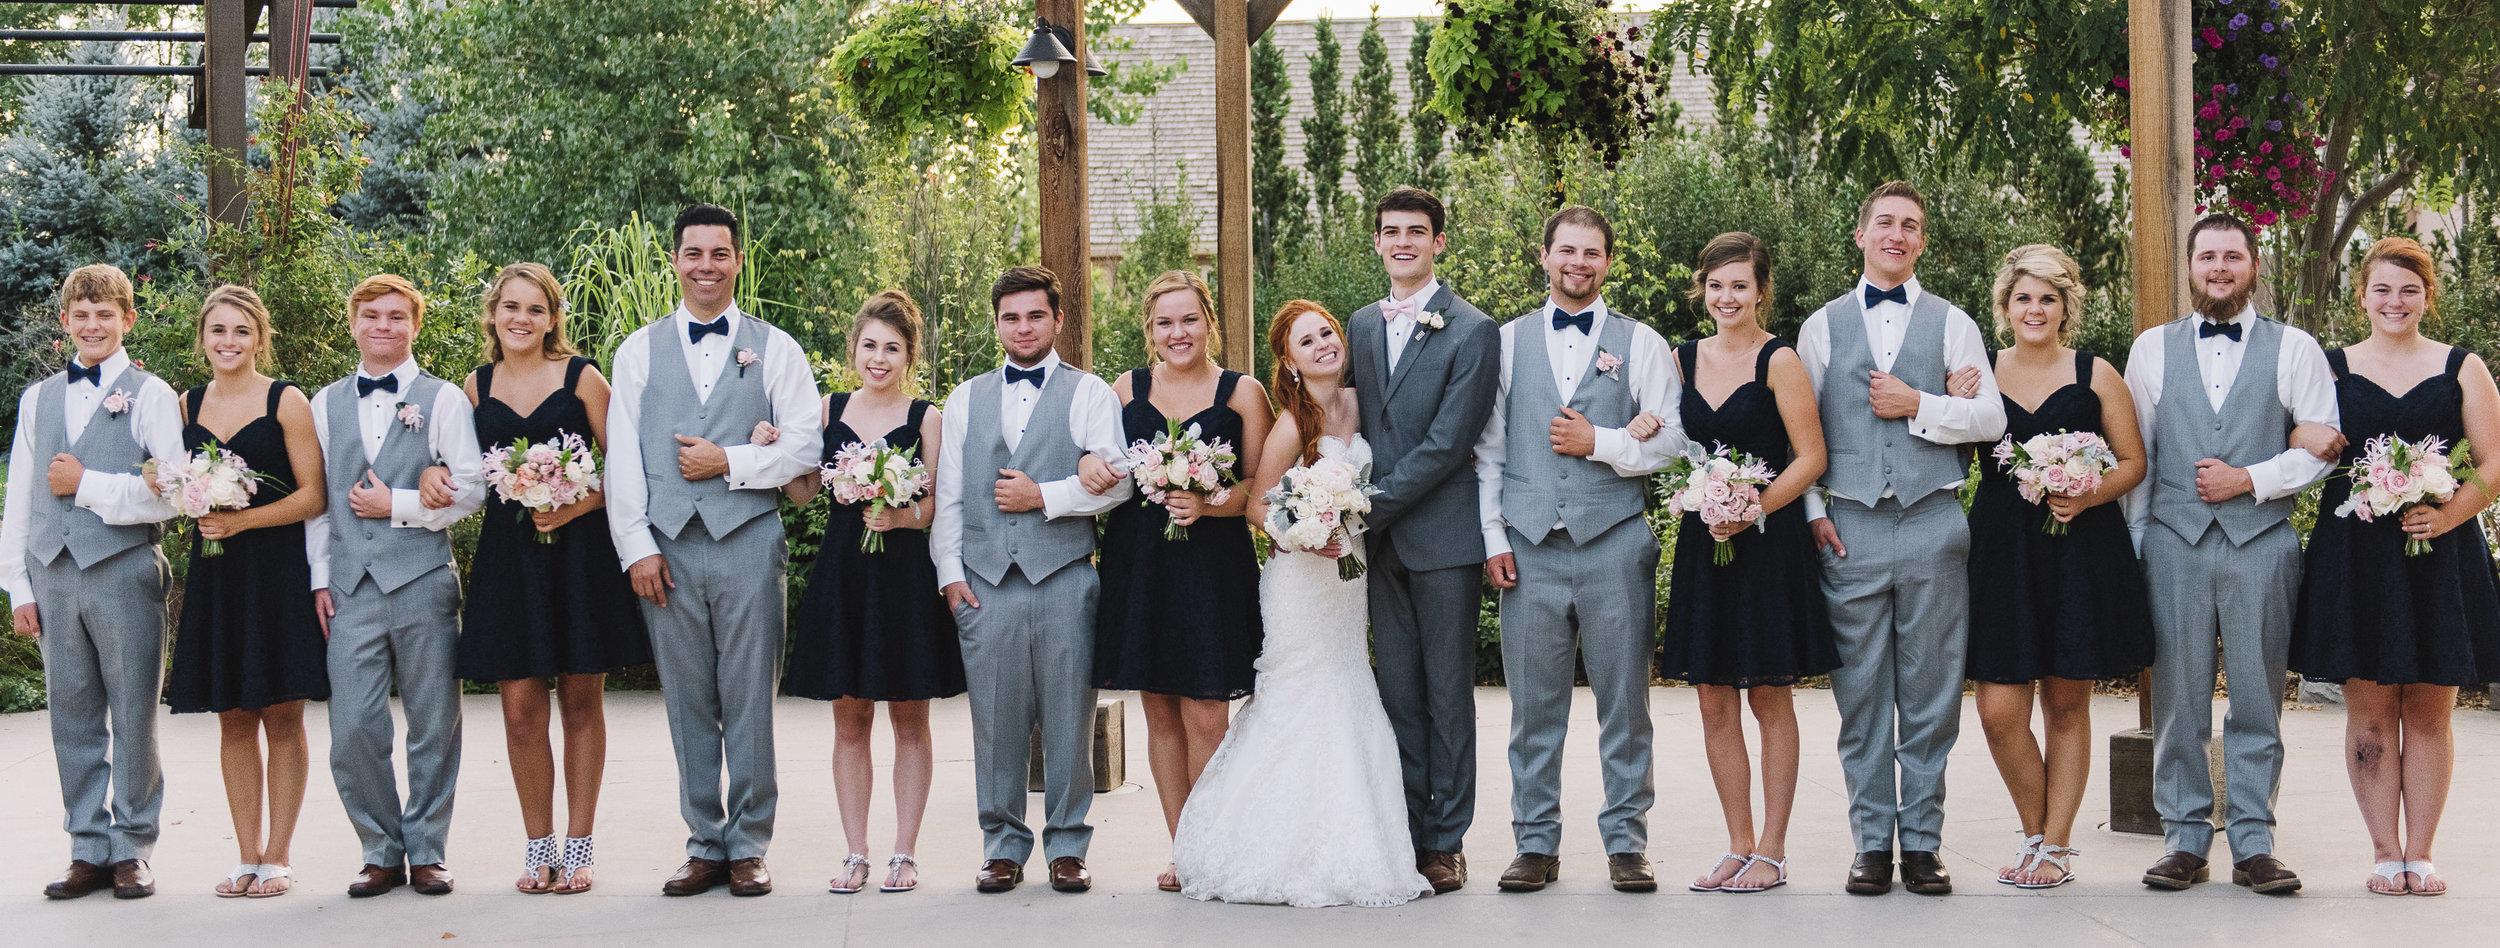 web sized images -- no to print --CALVIN & MCKYLEY WEDDING PHOTOS - COLORADO PHOTOGRAPHER - DEBI RAE PHOTOGRAPHY-3066.jpg